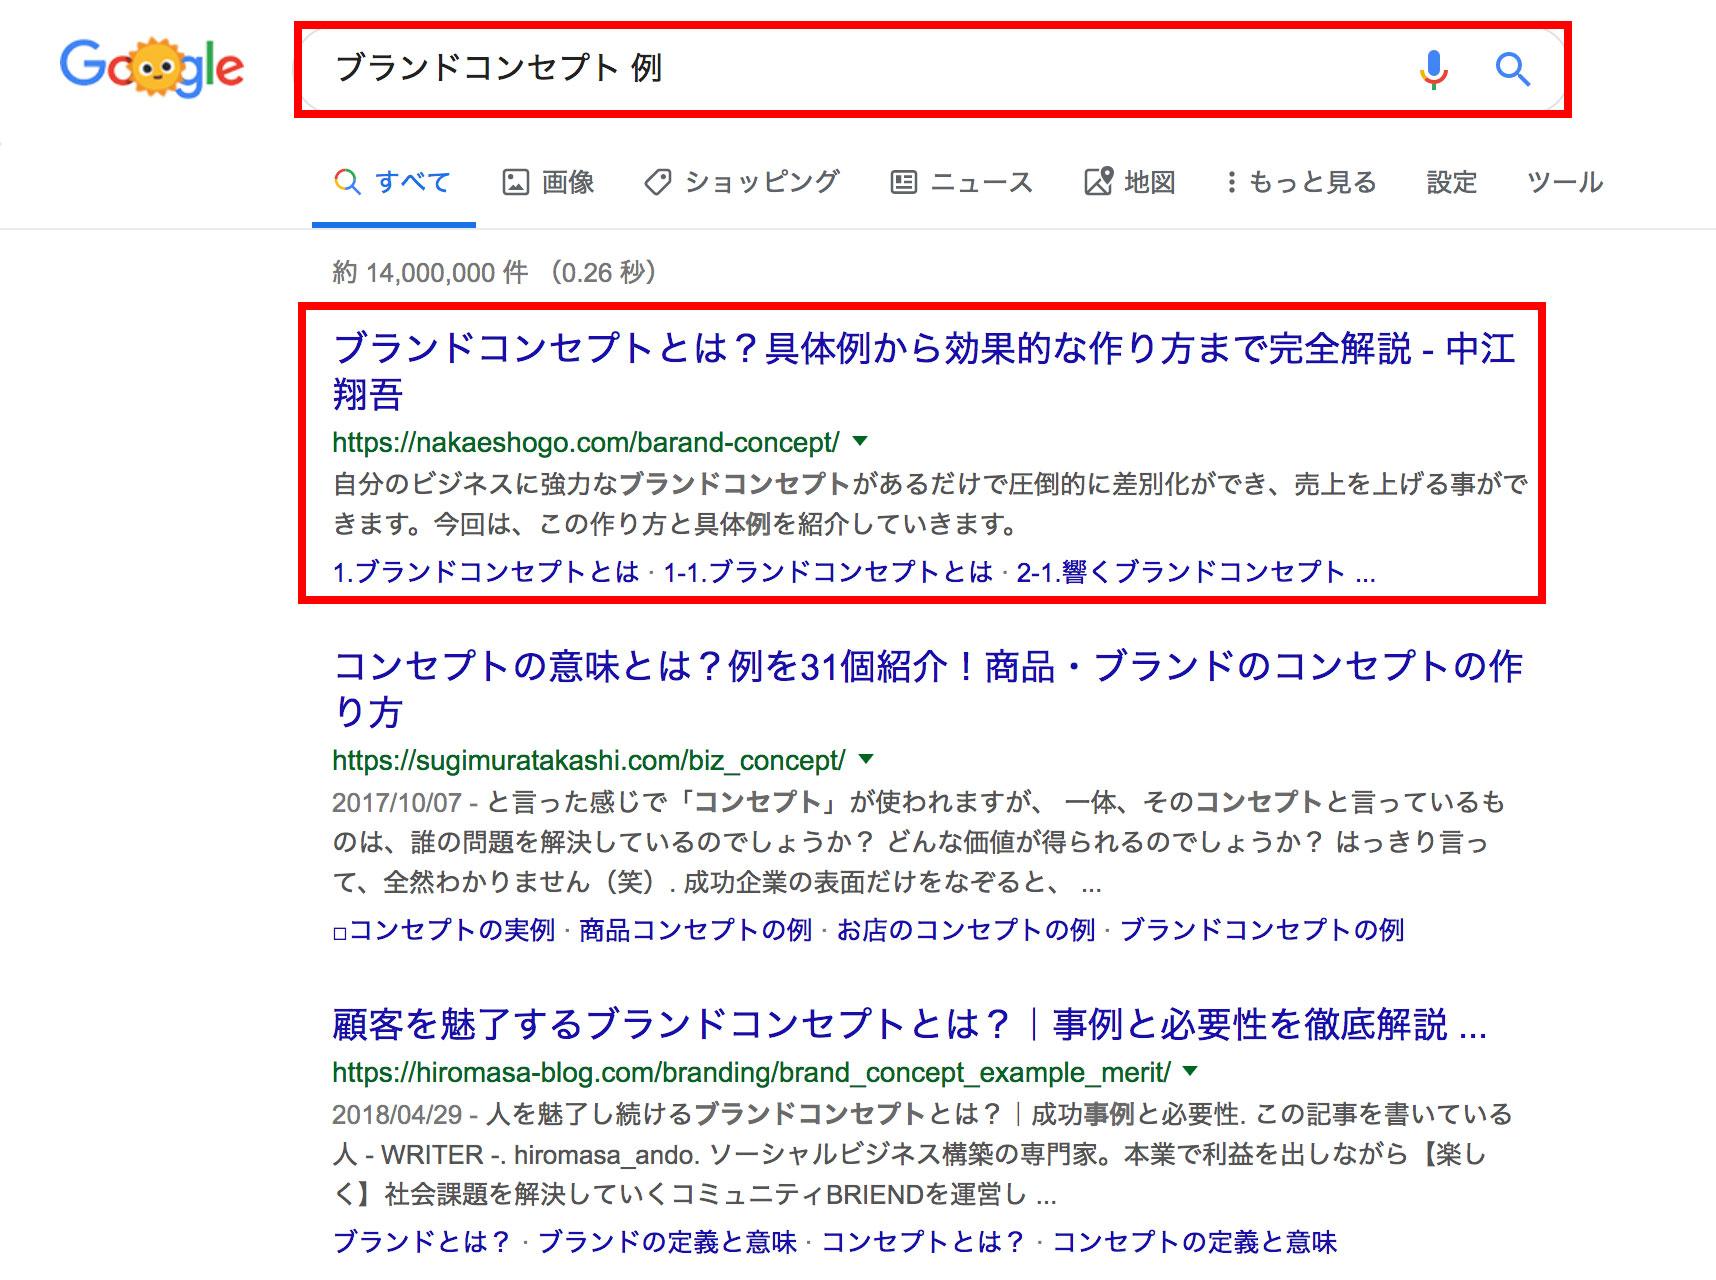 「ブランドコンセプト 例」の検索結果